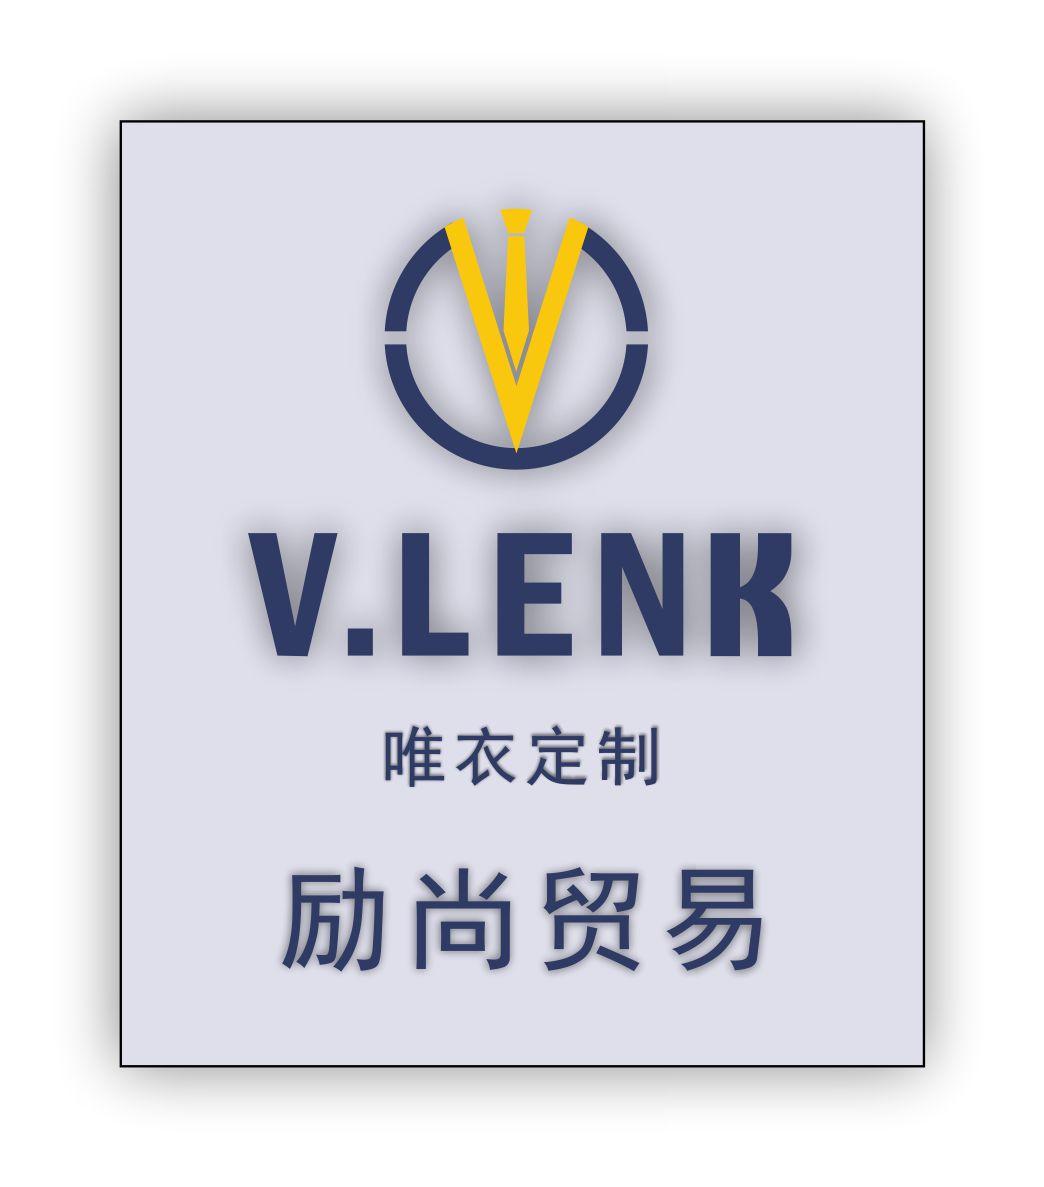 广州市励尚贸易有限公司Logo